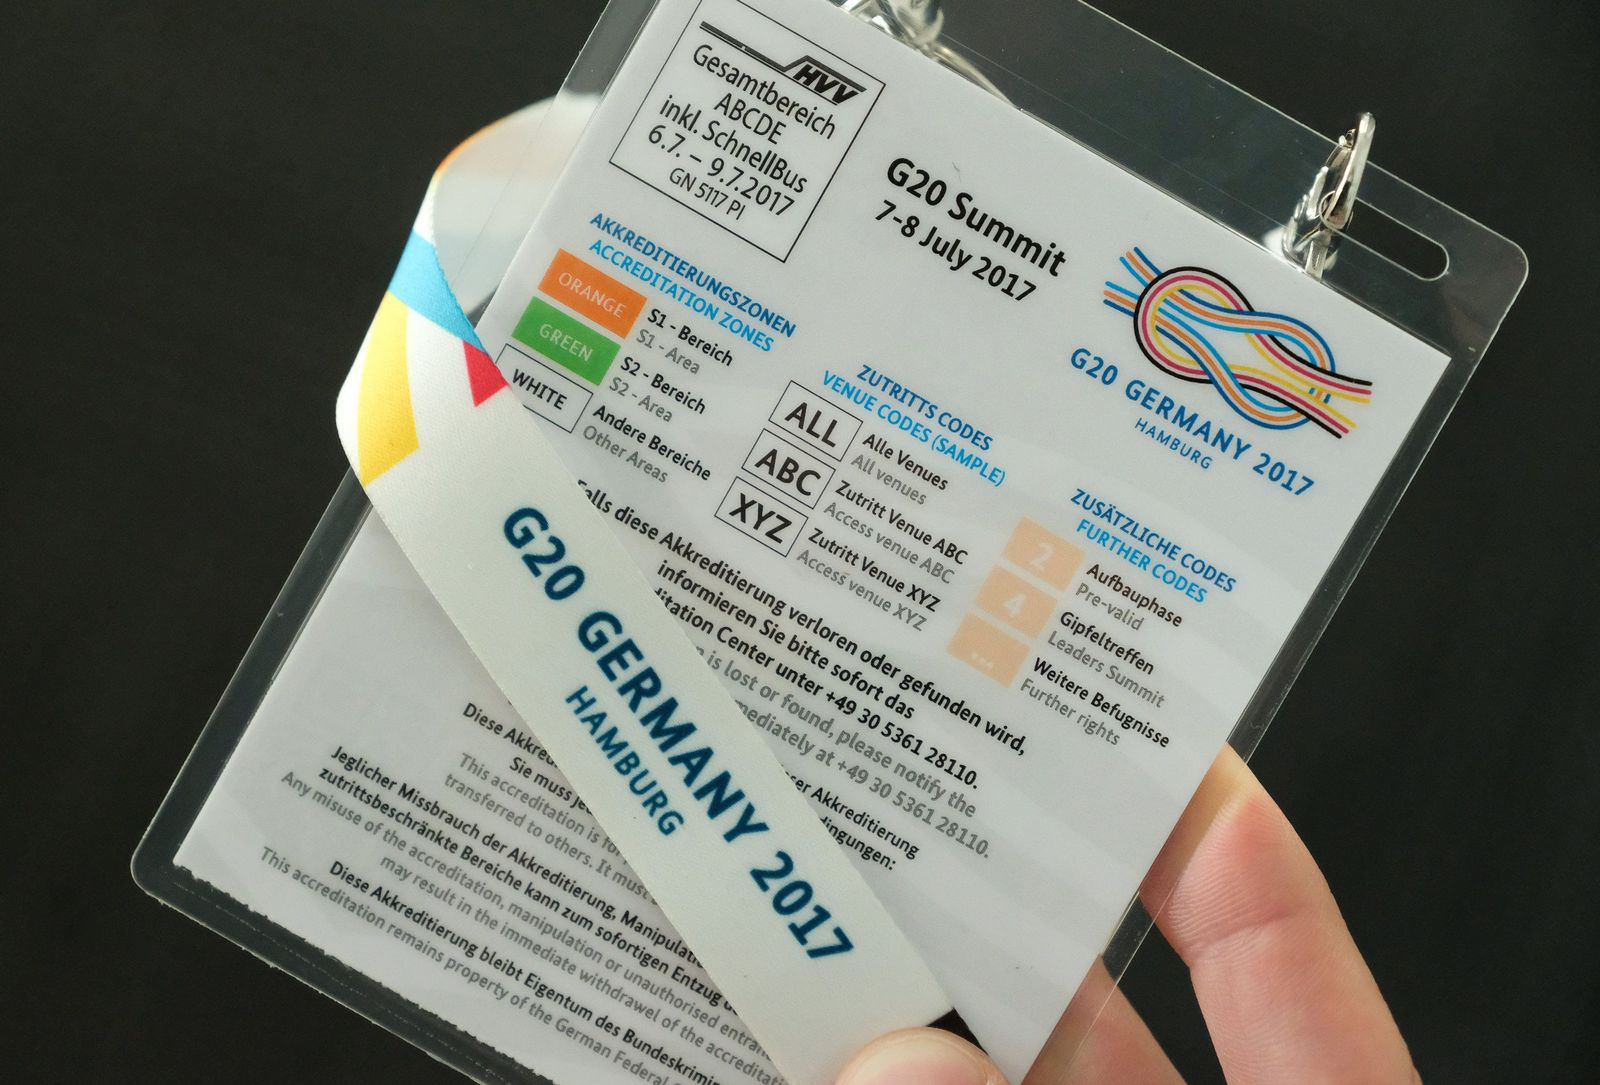 G20-Akkreditierung für Journalisten